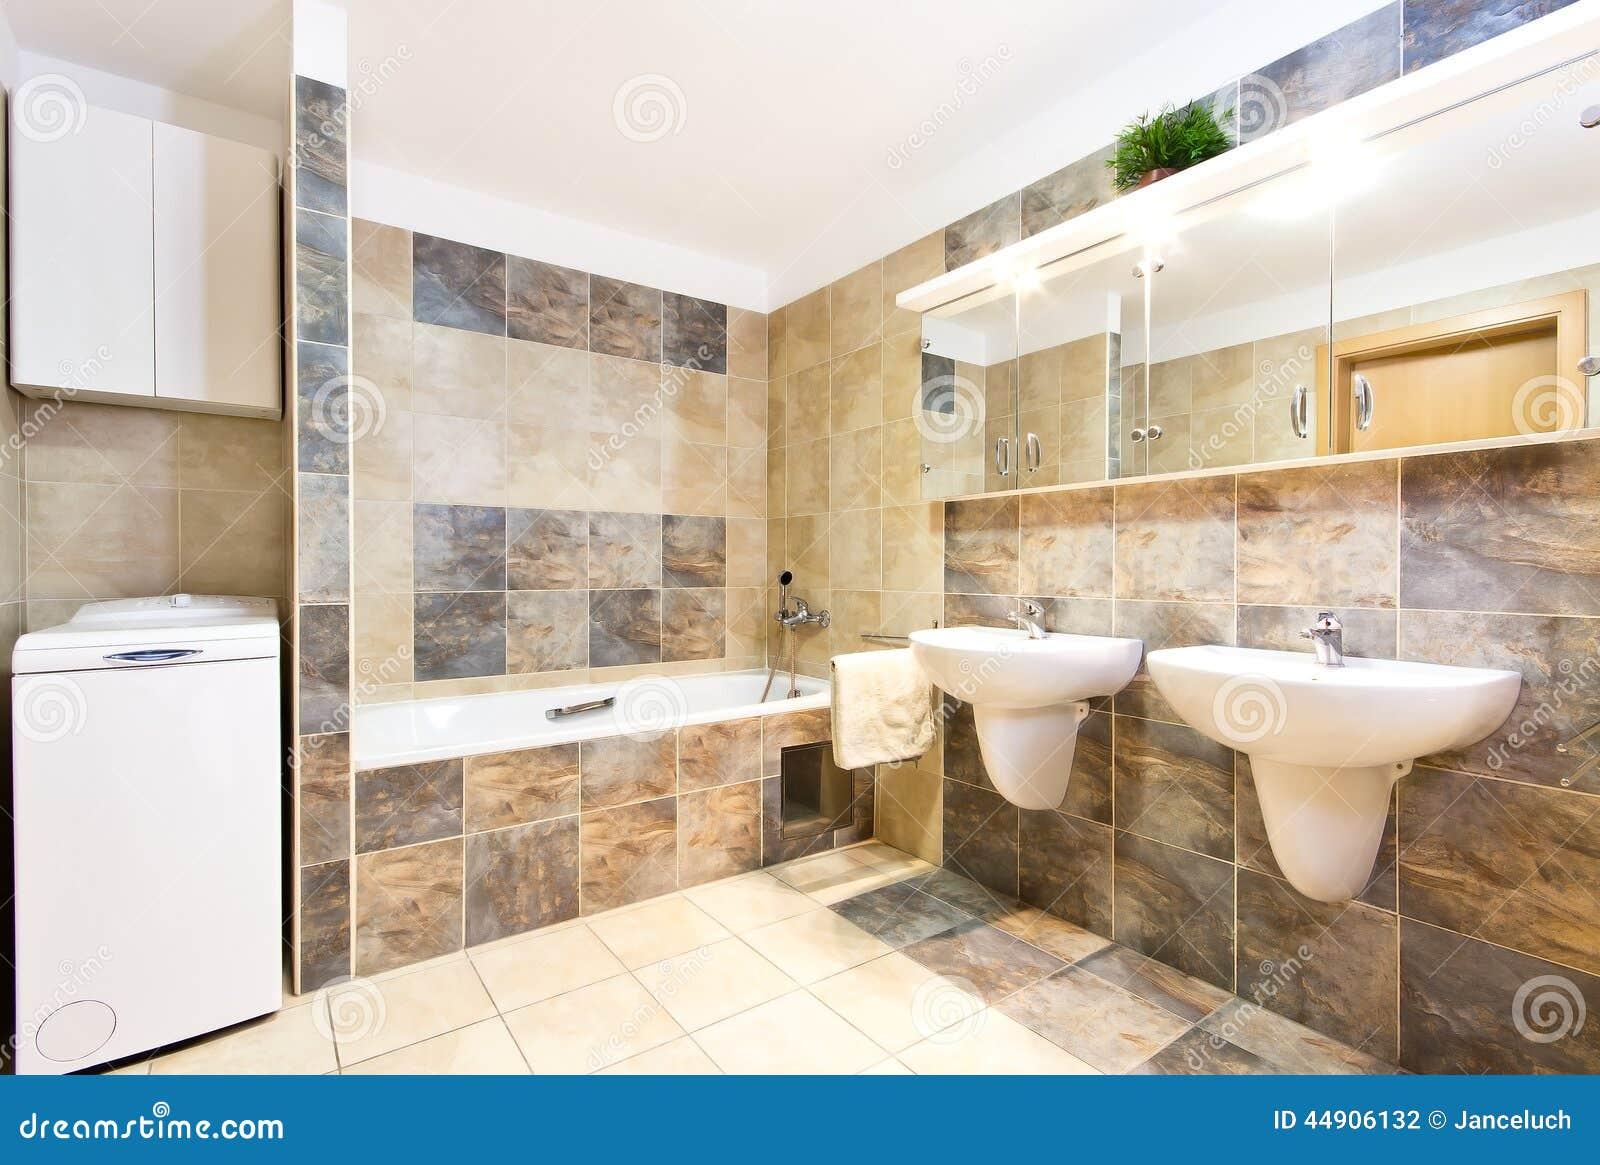 Imagenes De Baño Limpio:Cuarto de baño interior moderno de lujo con las tejas y los lavabos